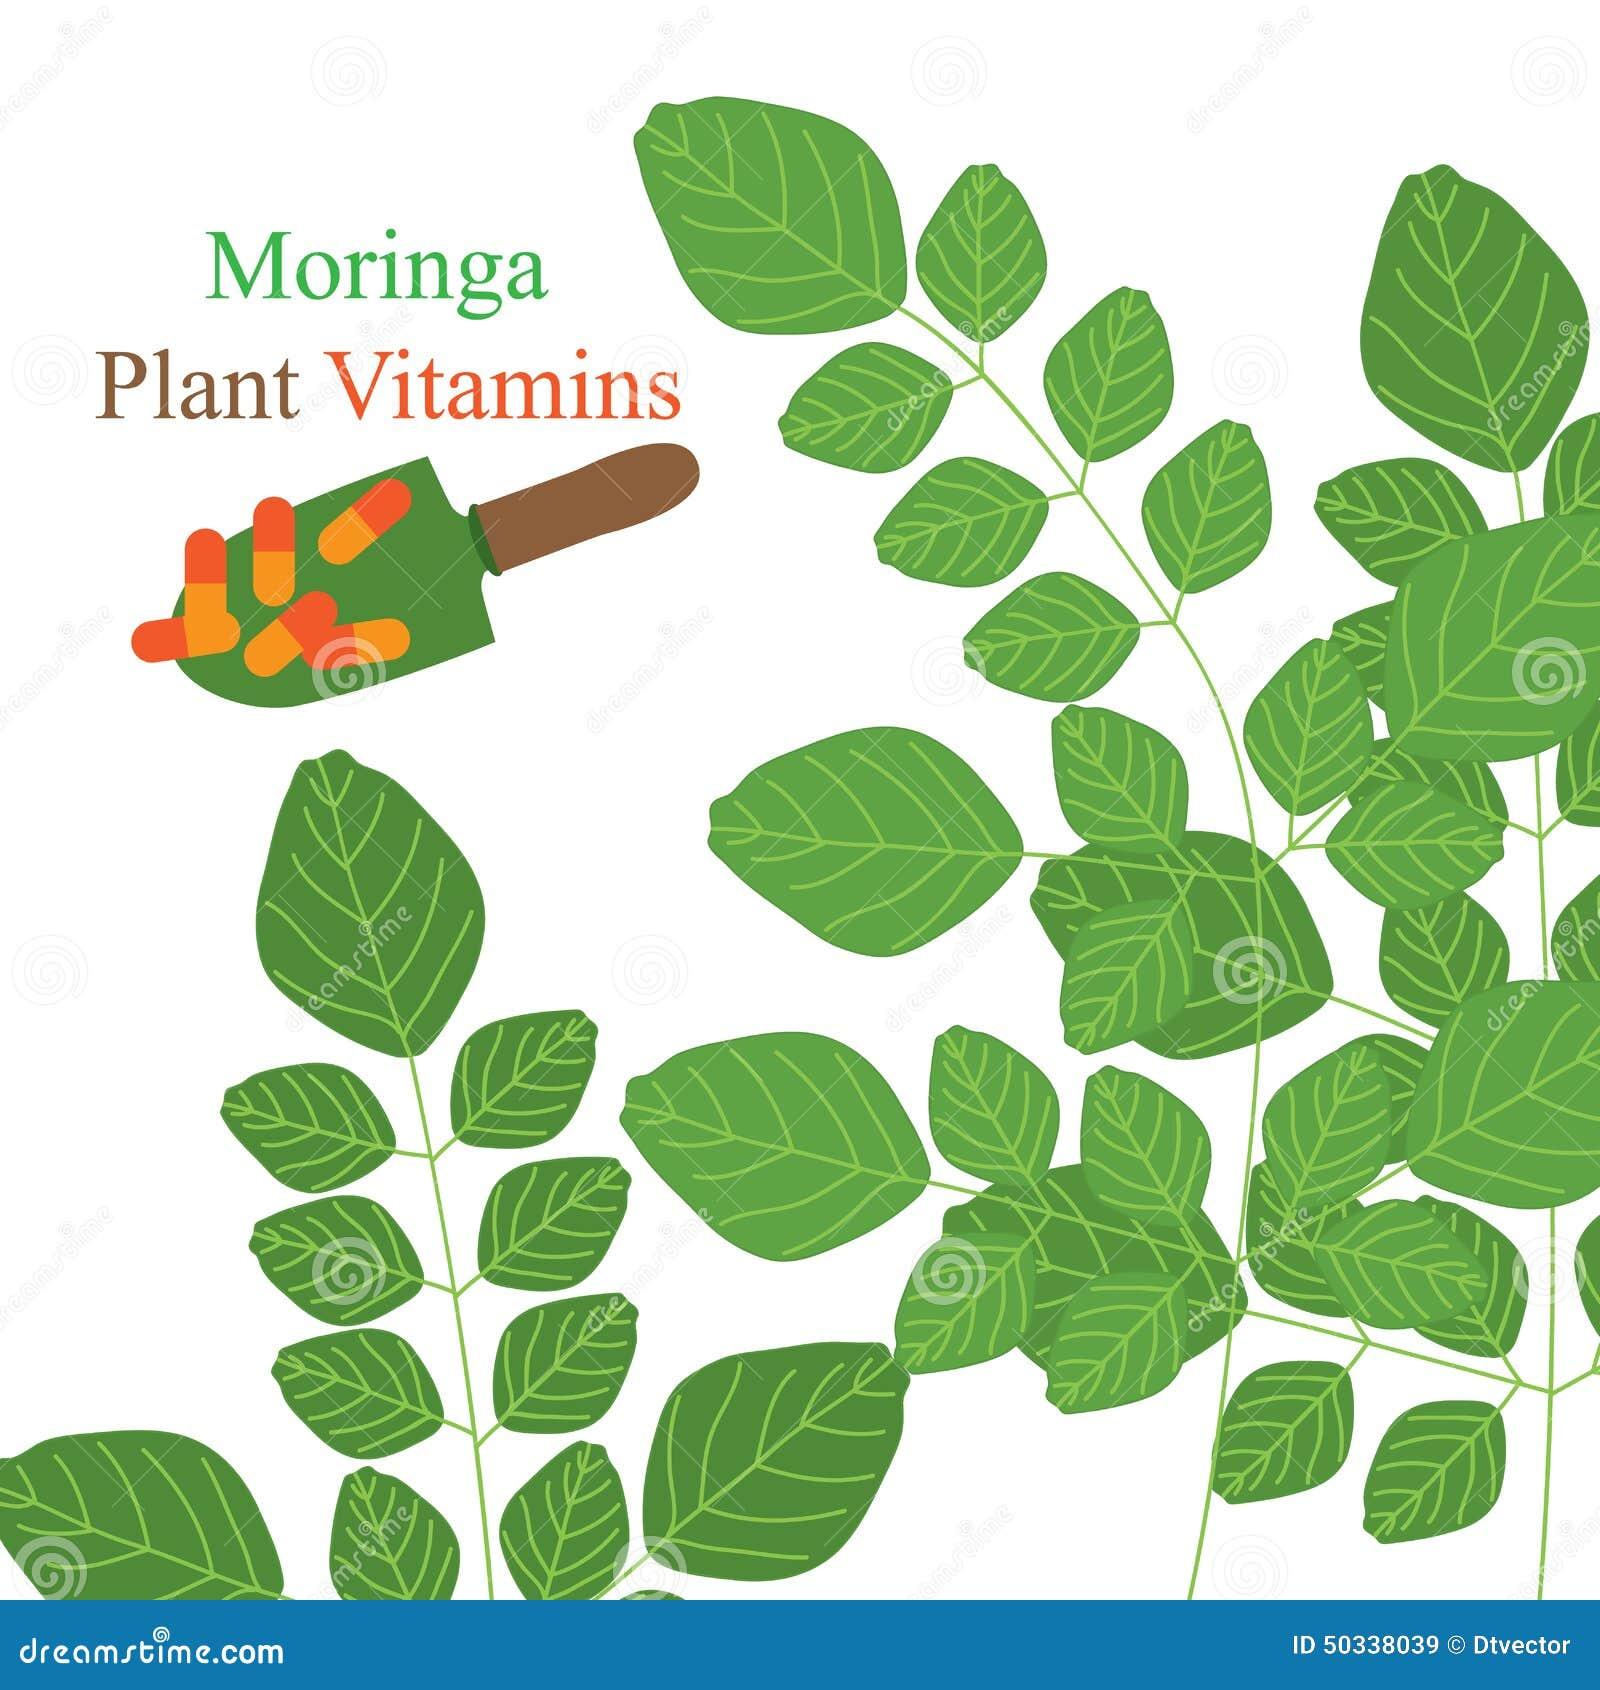 辣木科植物维生素